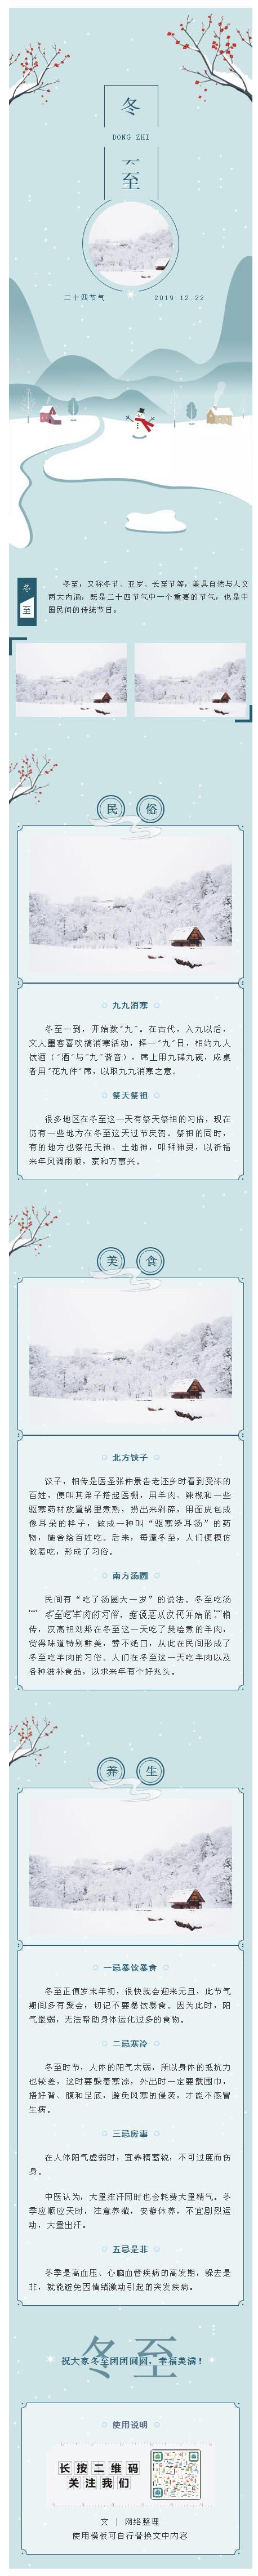 微信模板冬至大小寒二十四节气中国传统节日推送图文素材模板